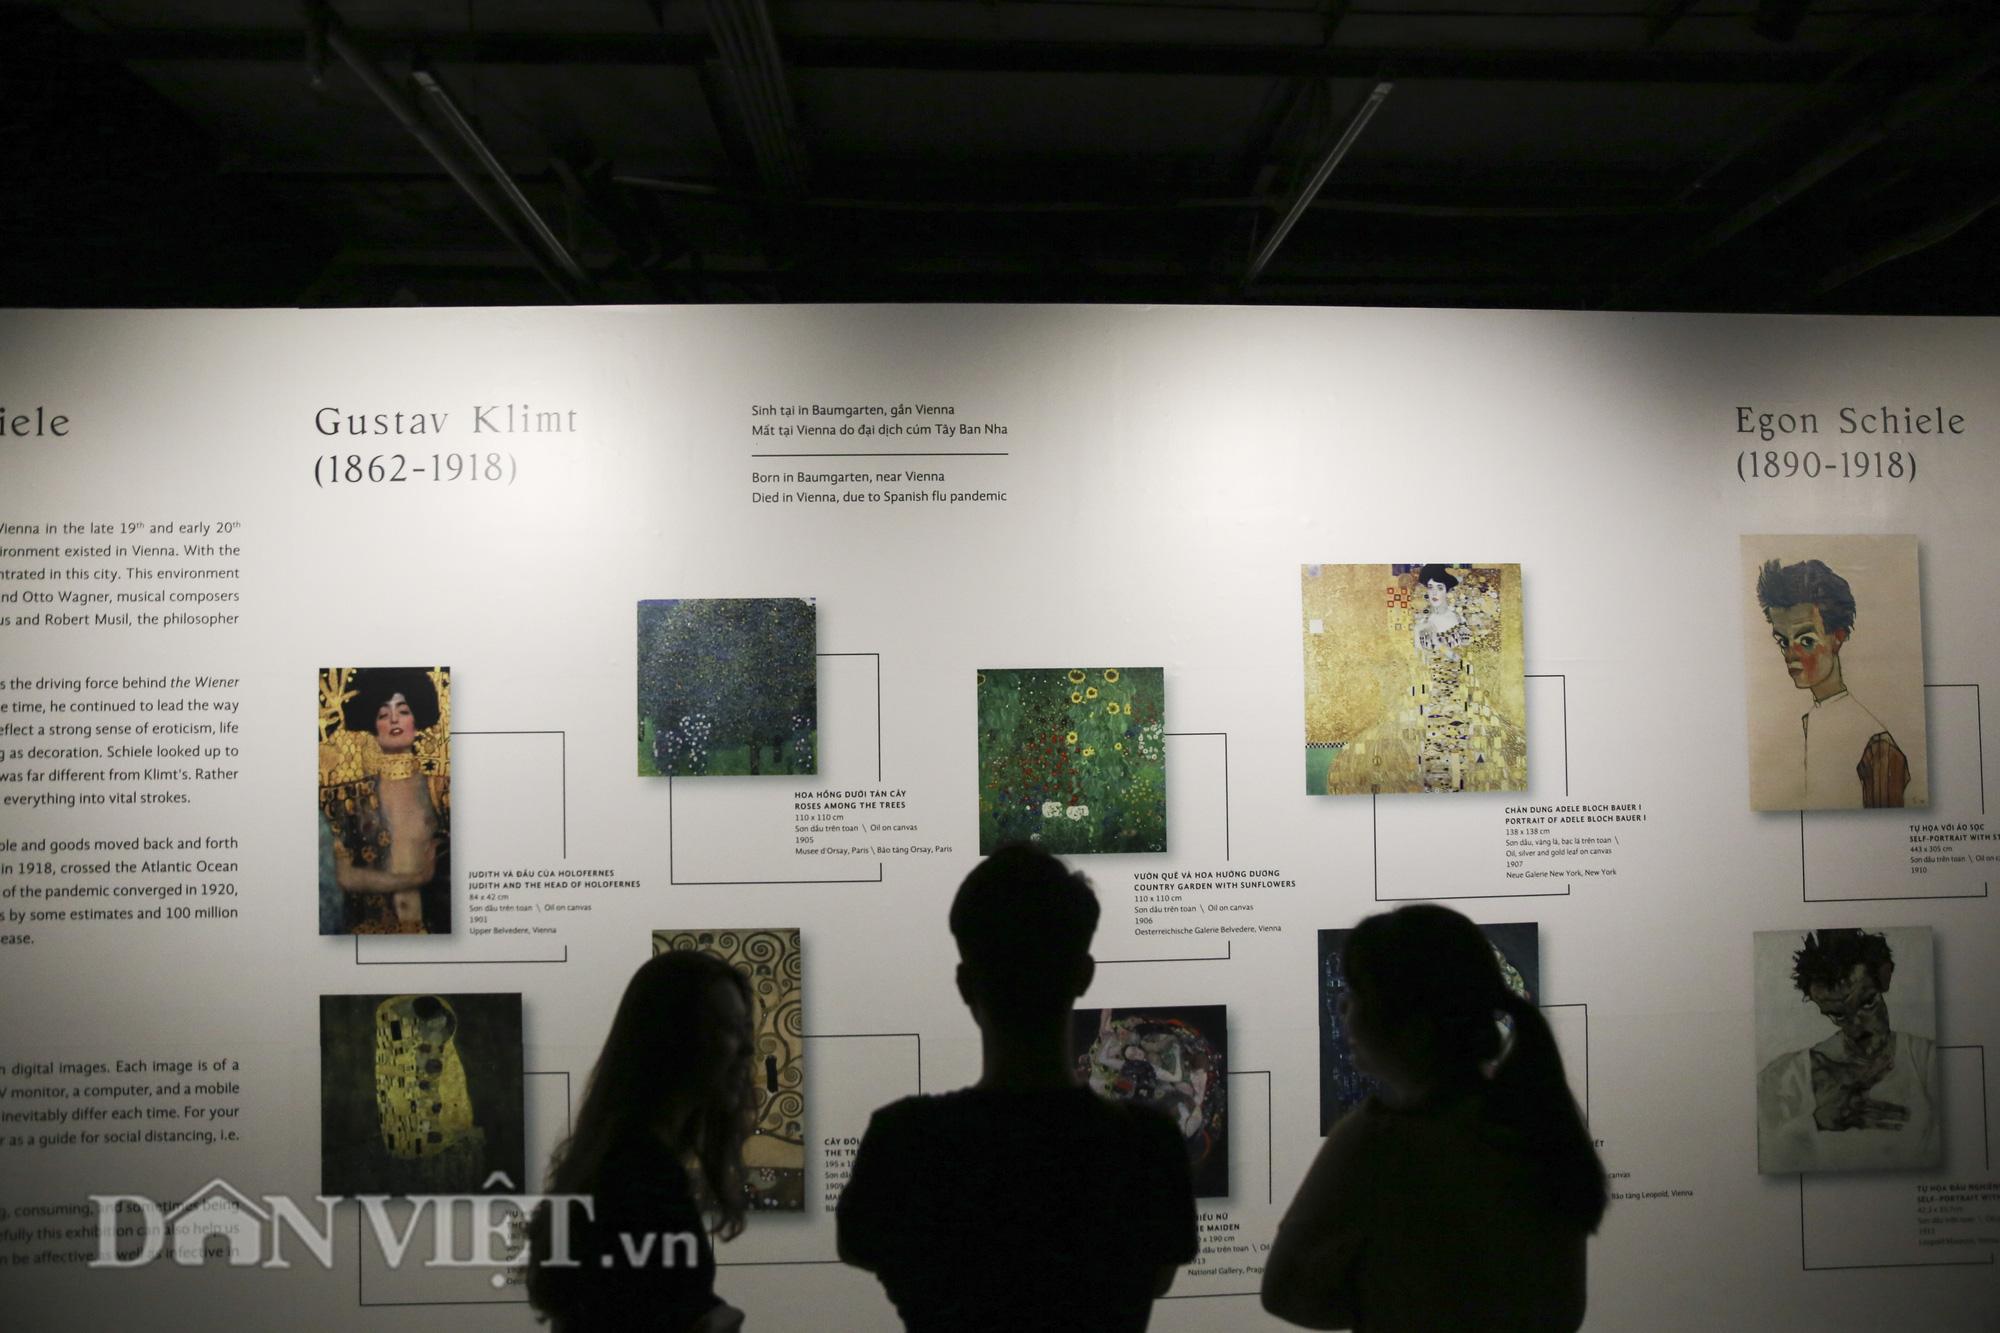 Chiêm ngưỡng những kiệt tác hội họa trăm năm, giá trăm triệu USD tại Hà Nội - Ảnh 2.